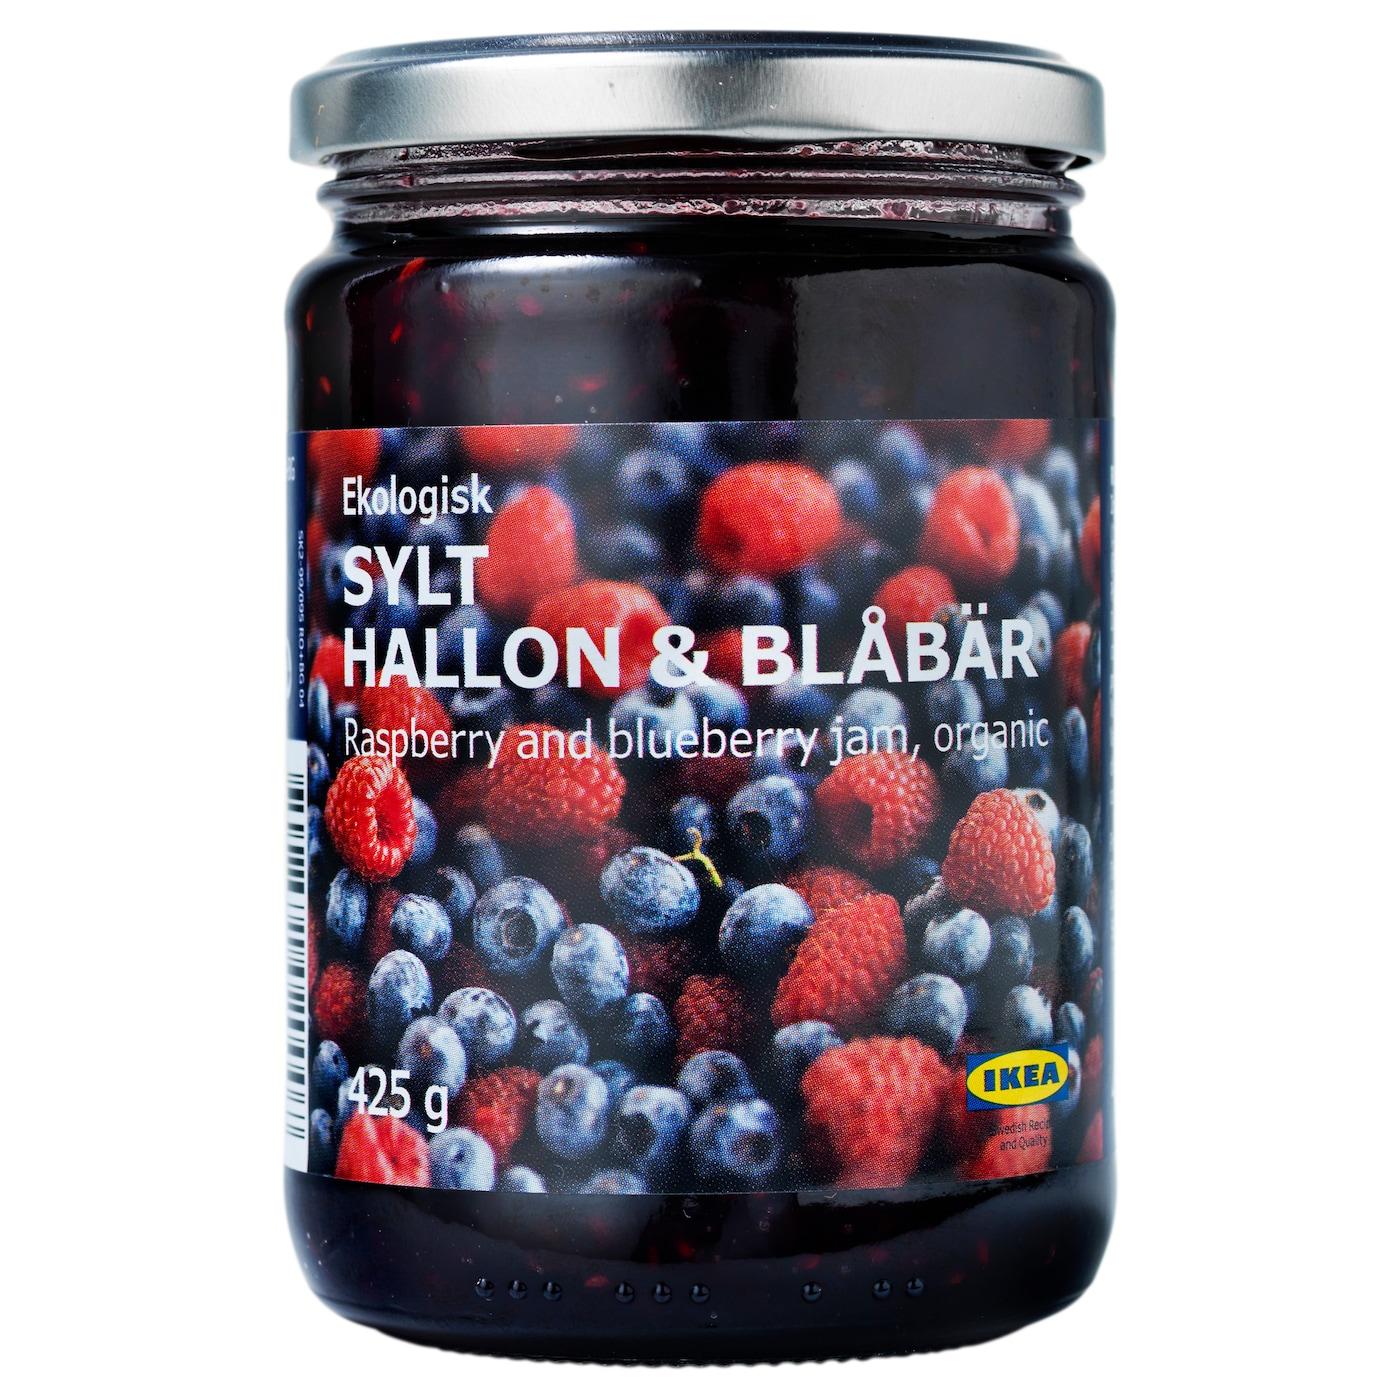 SYLT HALLON & BLÅBÄR